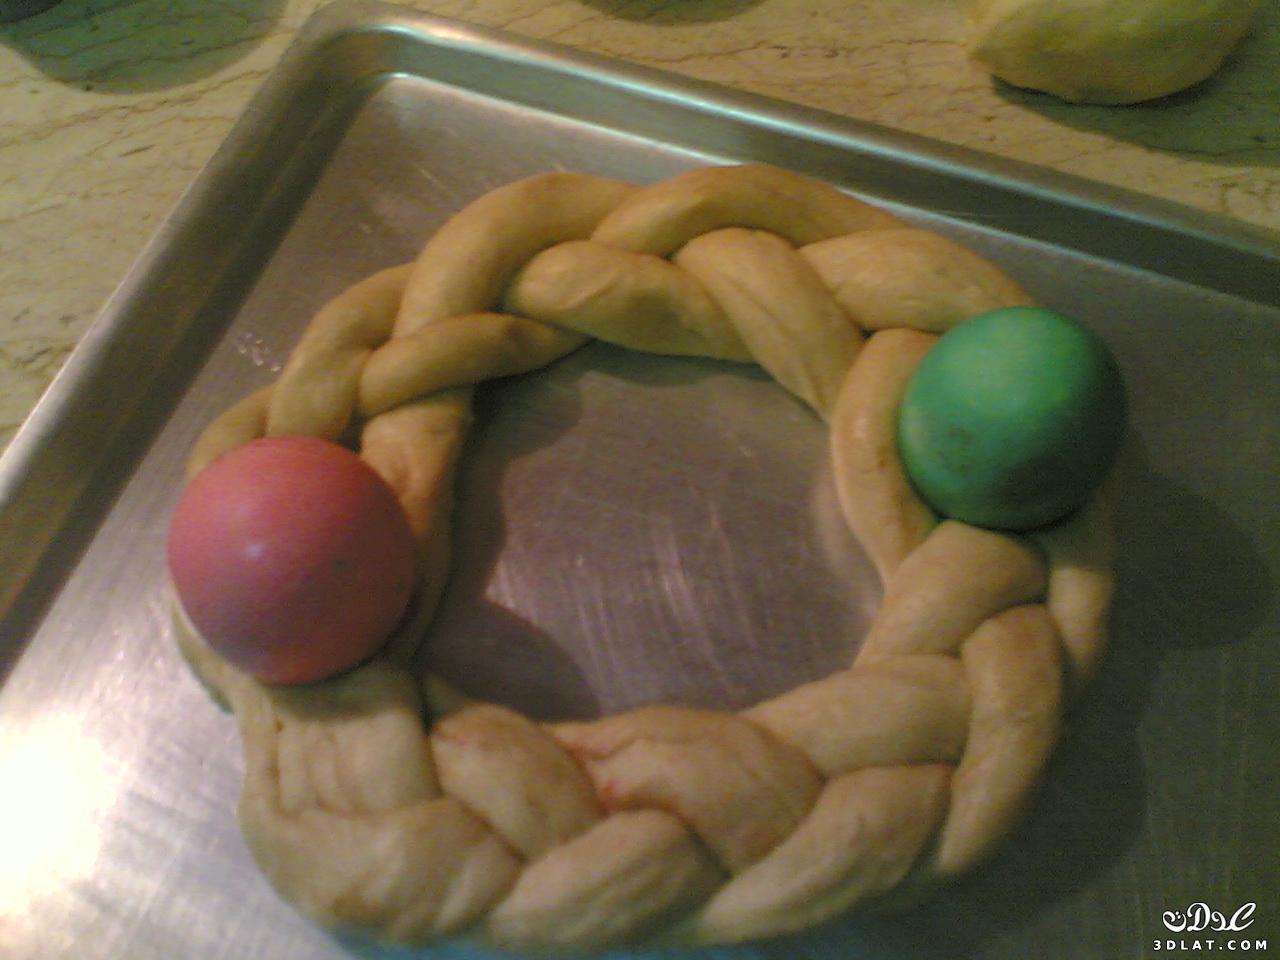 طريقة عمل البريوش كعكة الربيع , خطوة بخطوة طريقة تحضير البريوش